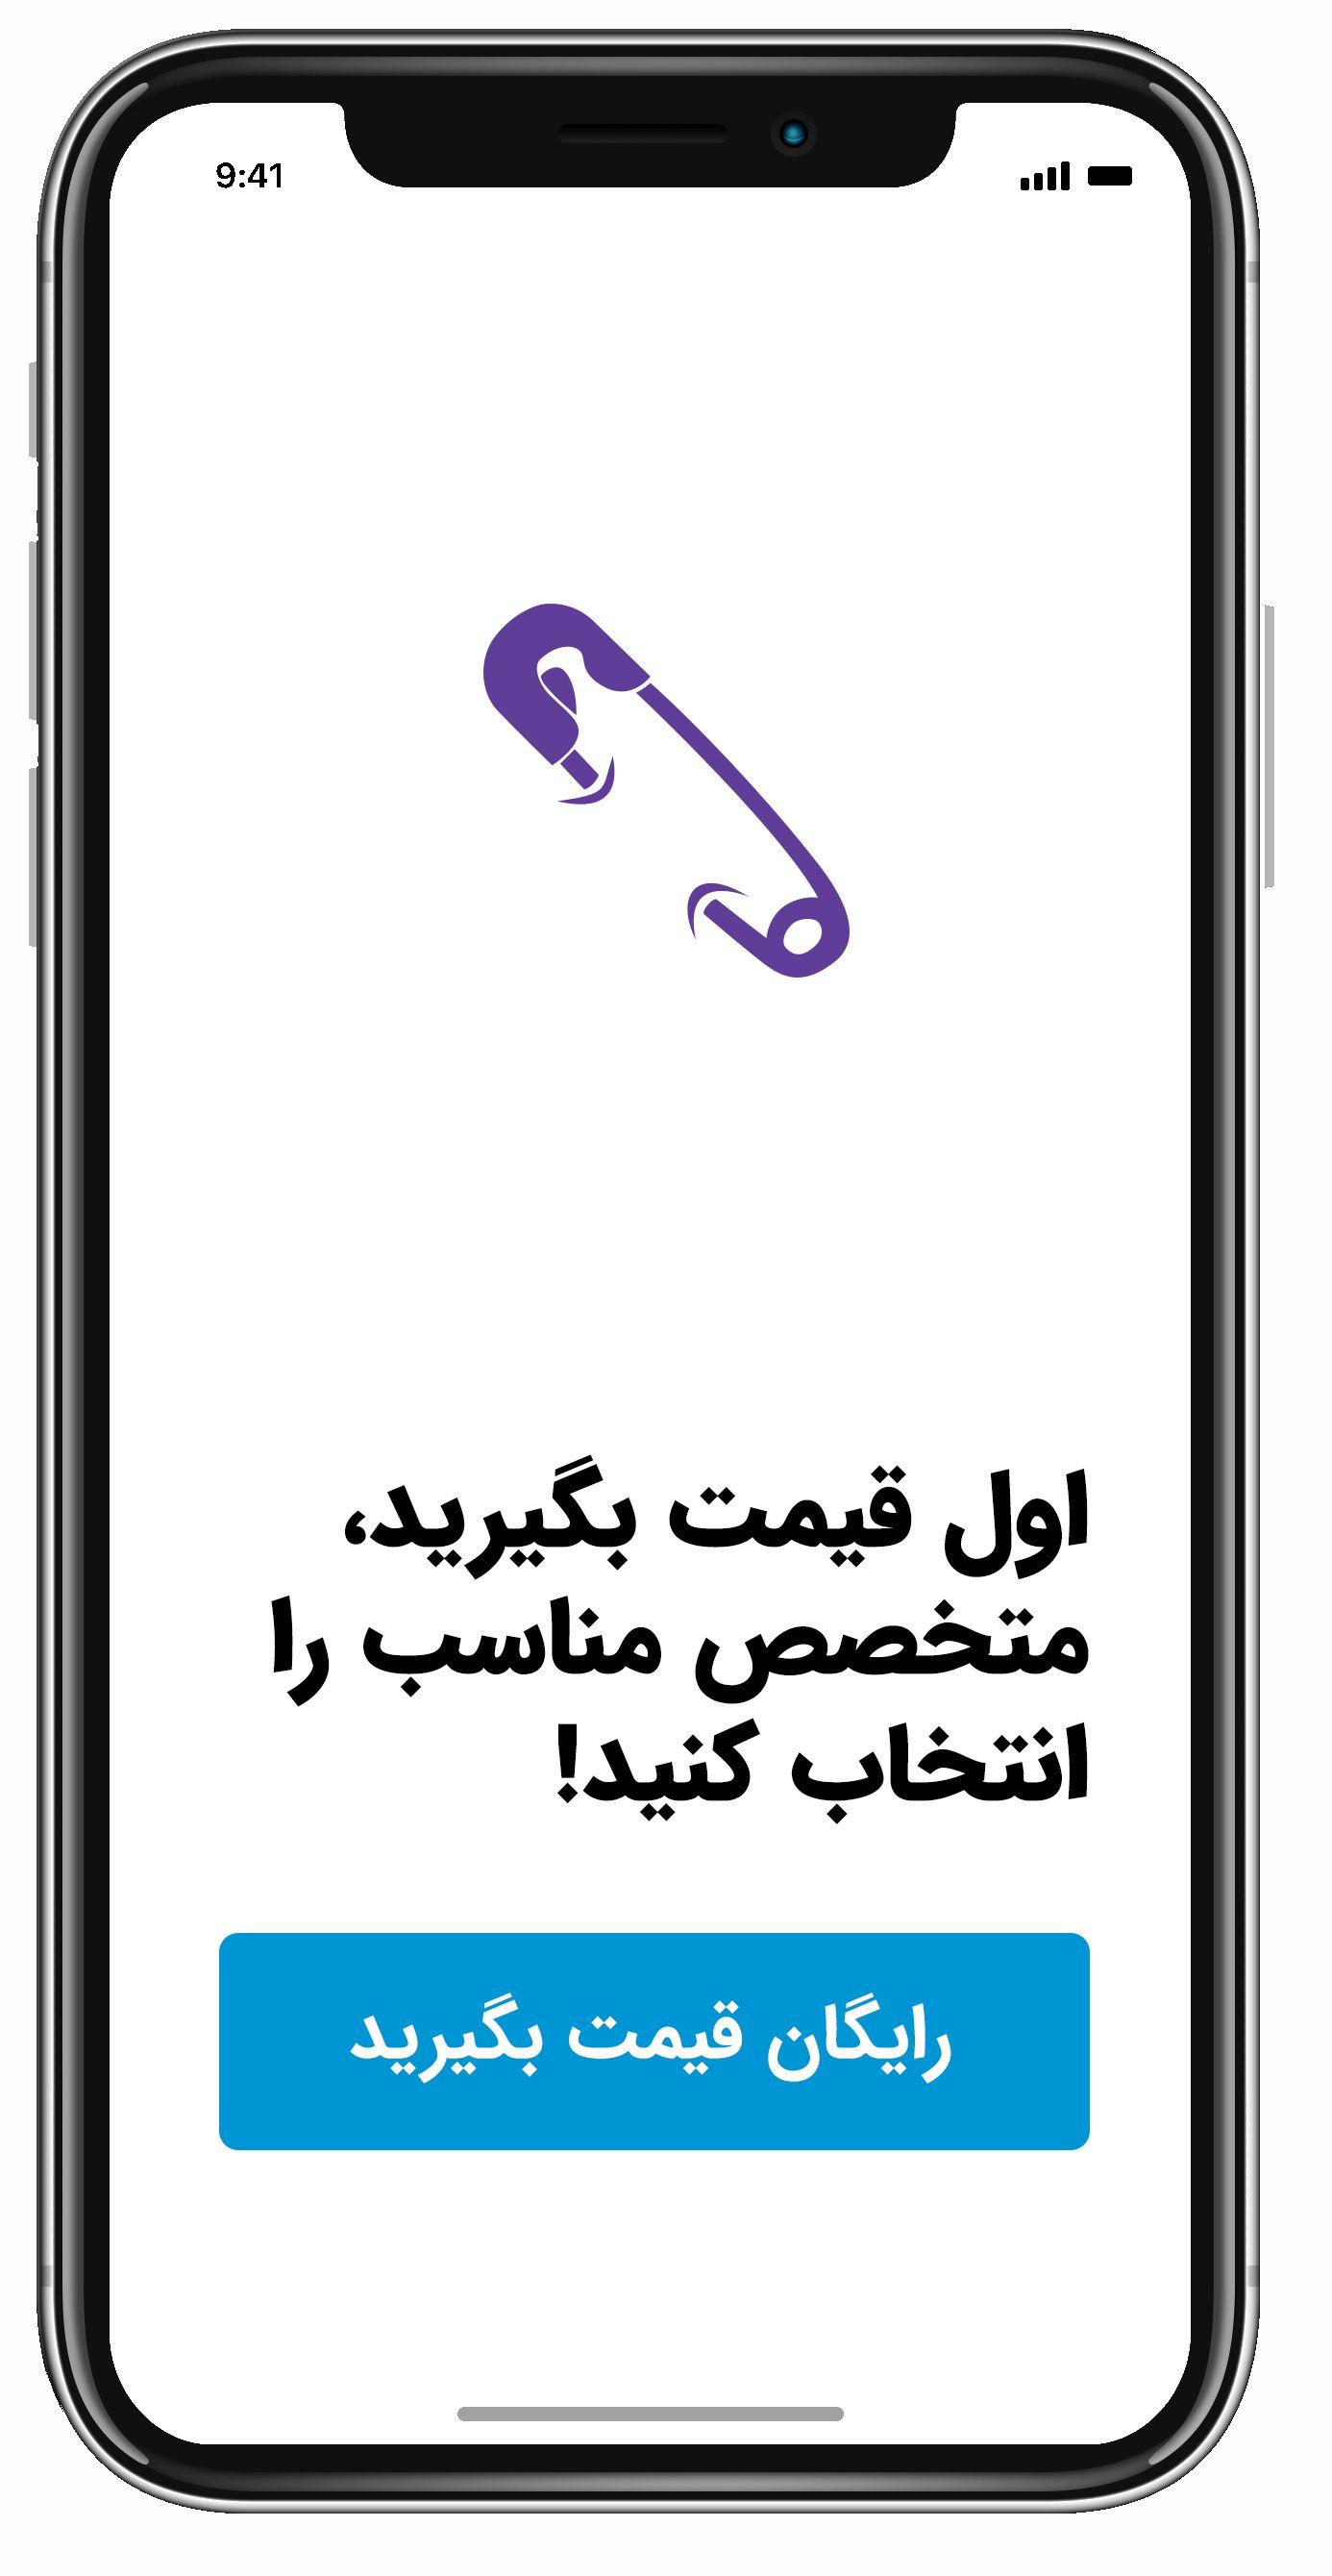 تصویر اپلیکیشن خدمات سنجاق